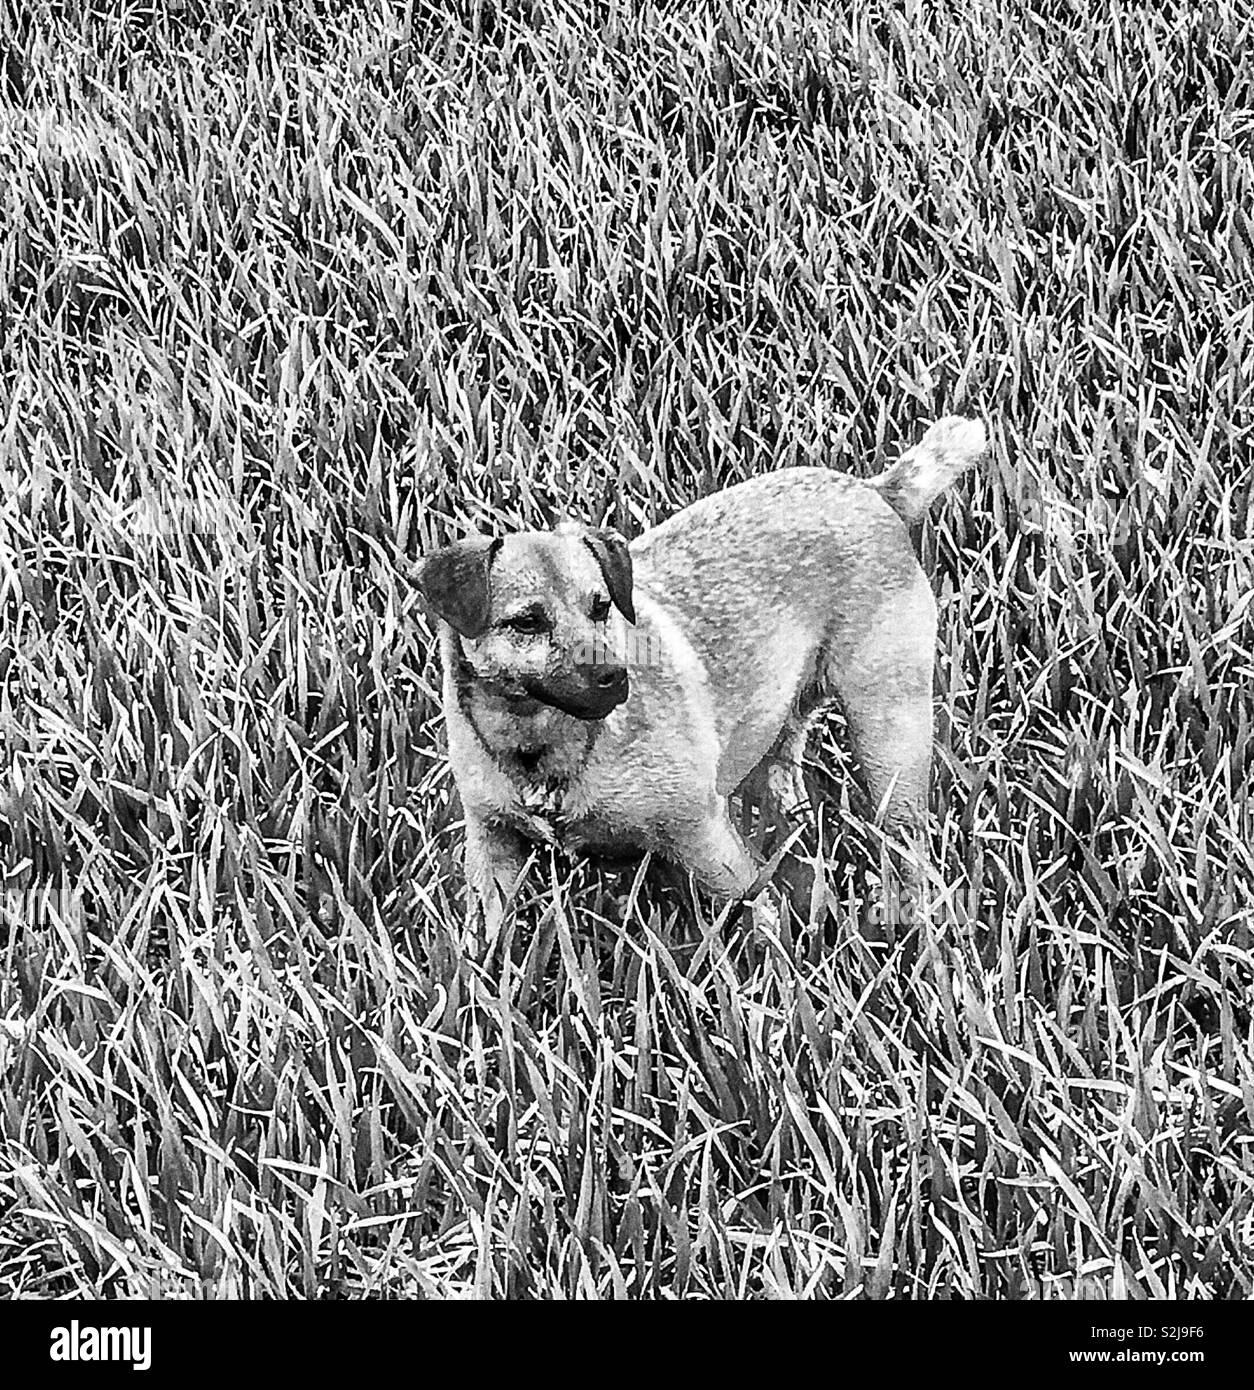 Fotografía en blanco y negro de pequeña terrier perro en campo de trigo de invierno. Kent, Inglaterra. De marzo de 2019. Foto de stock